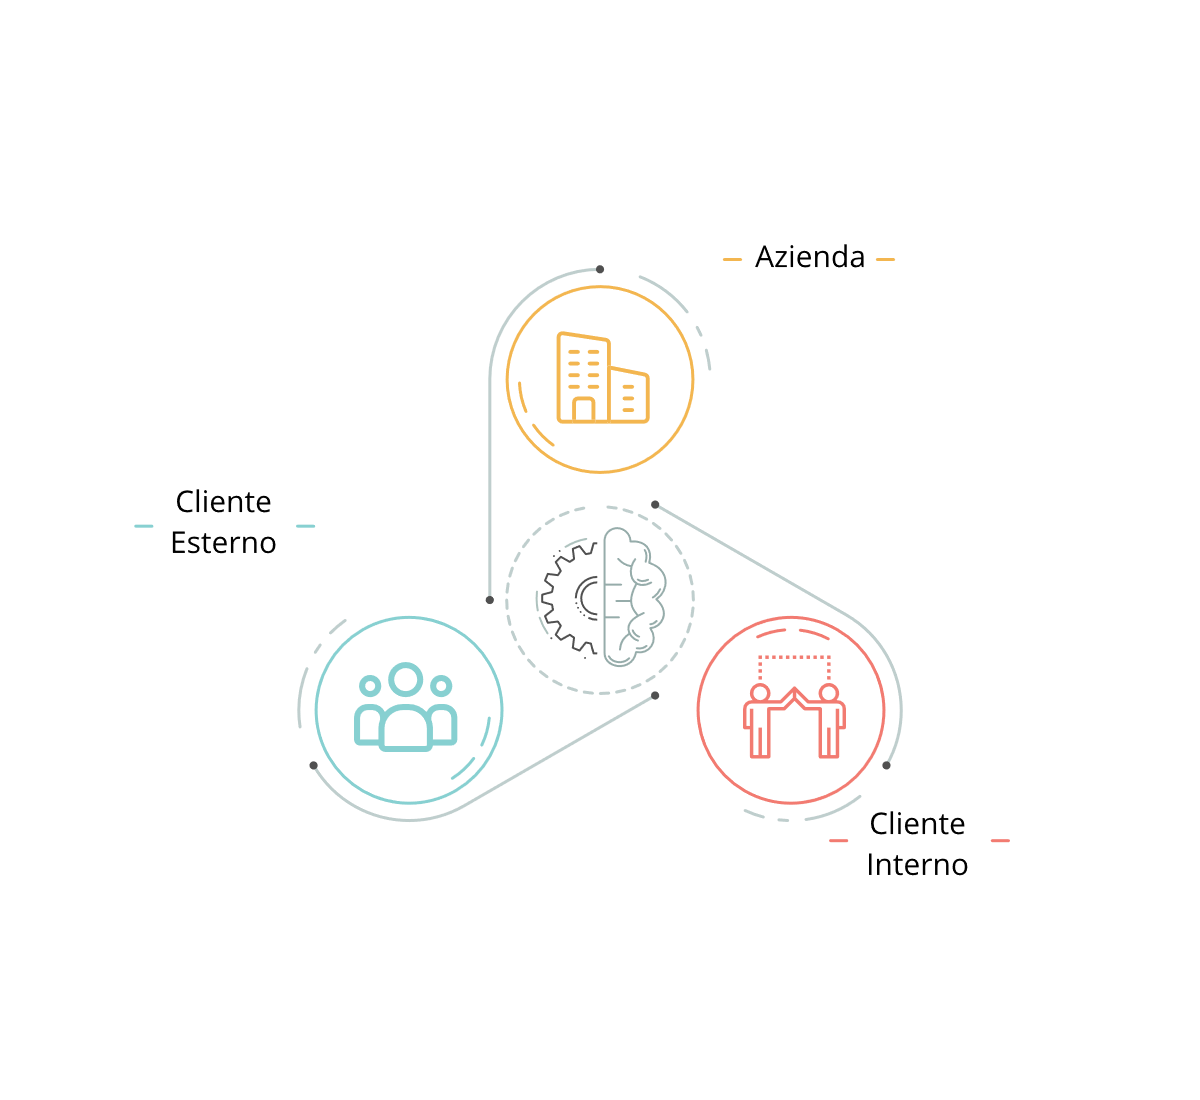 Grafico Relazione Cliente Interno Cliente Esterno Azienda